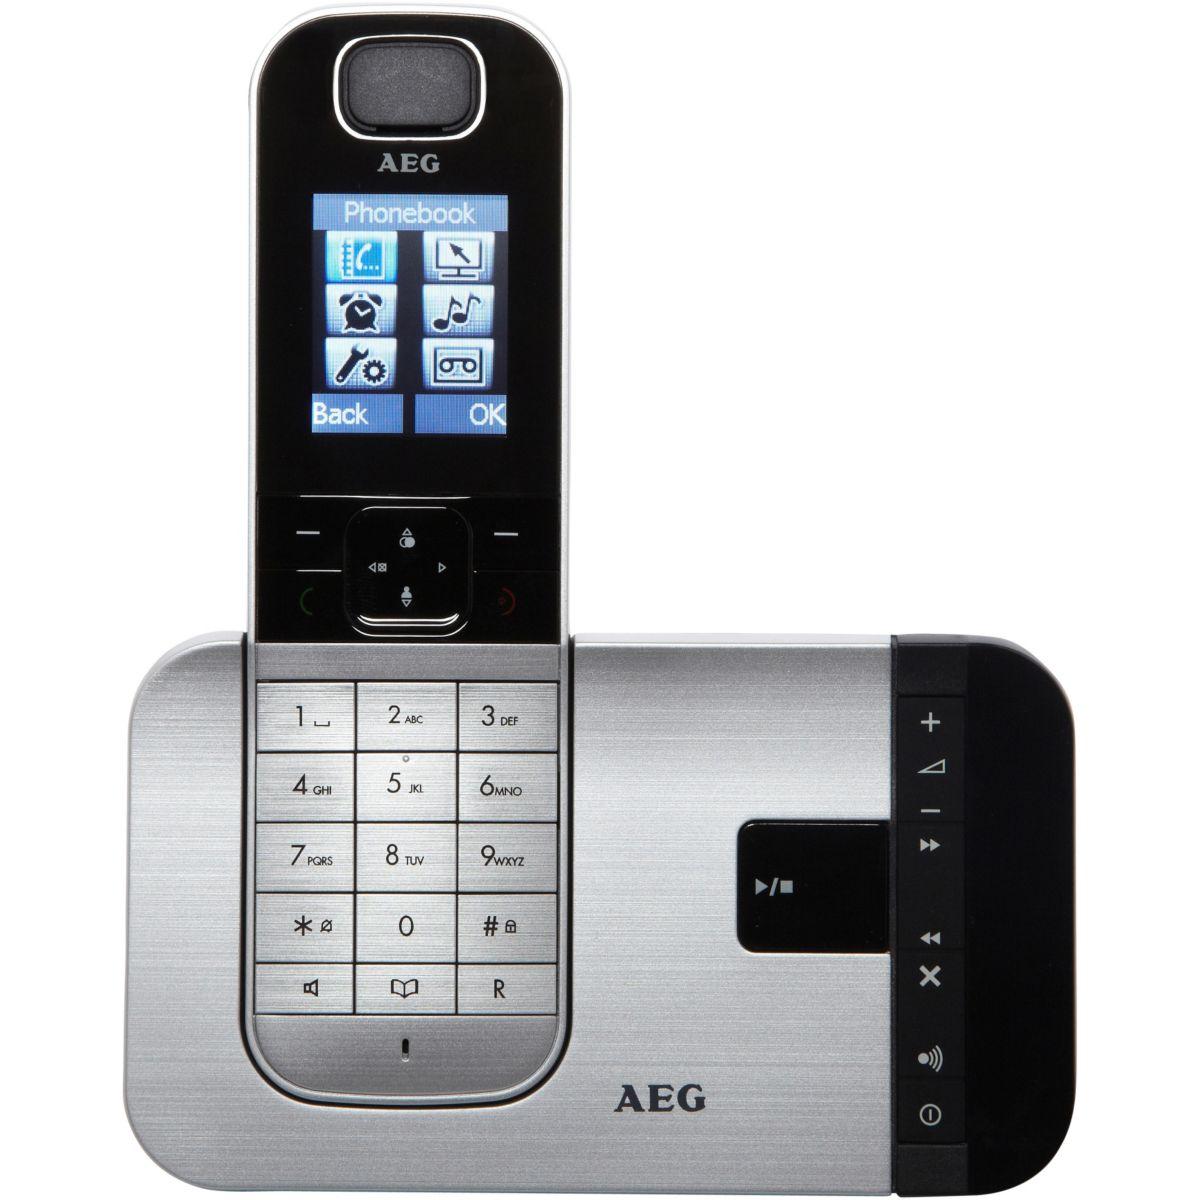 Téléphone répondeur sans fil aeg voxtel d575 argent solo - 3% de remise immédiate avec le code : multi3